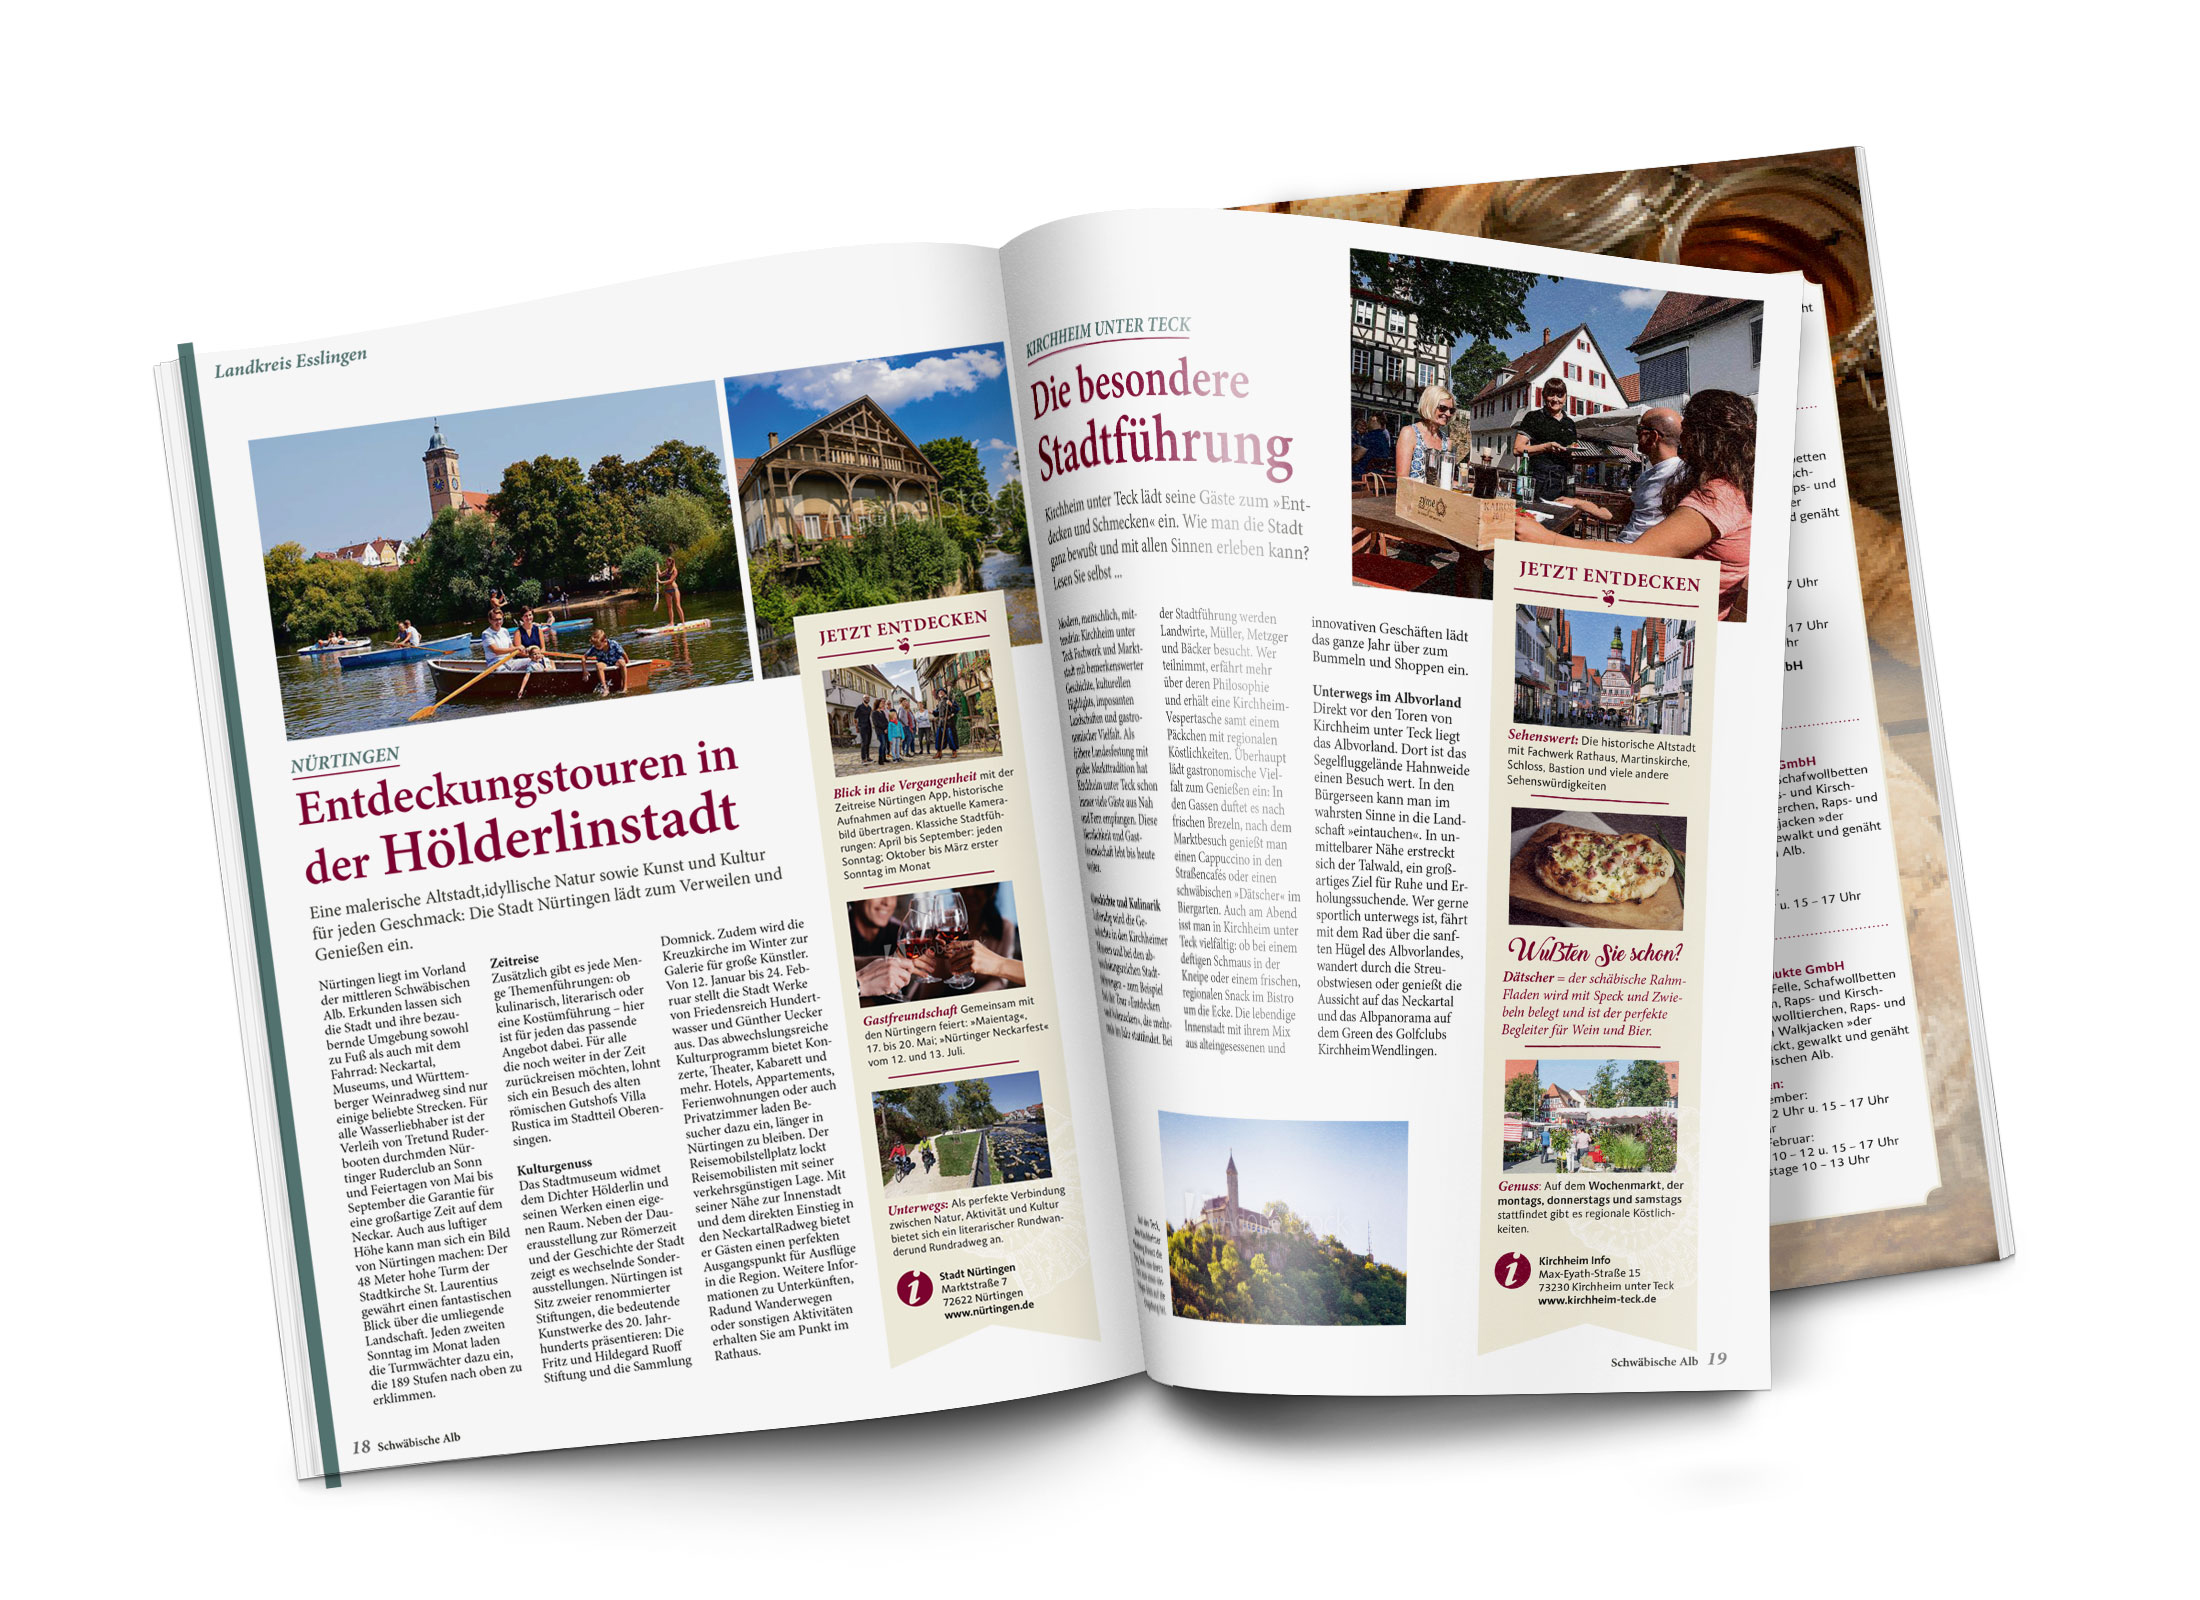 Aufgeschlagene Doppelseite mit einem redaktionellen Bericht über Nürtingen als Hölderlinstadt in der Gästezeitung Schwäbische Alb